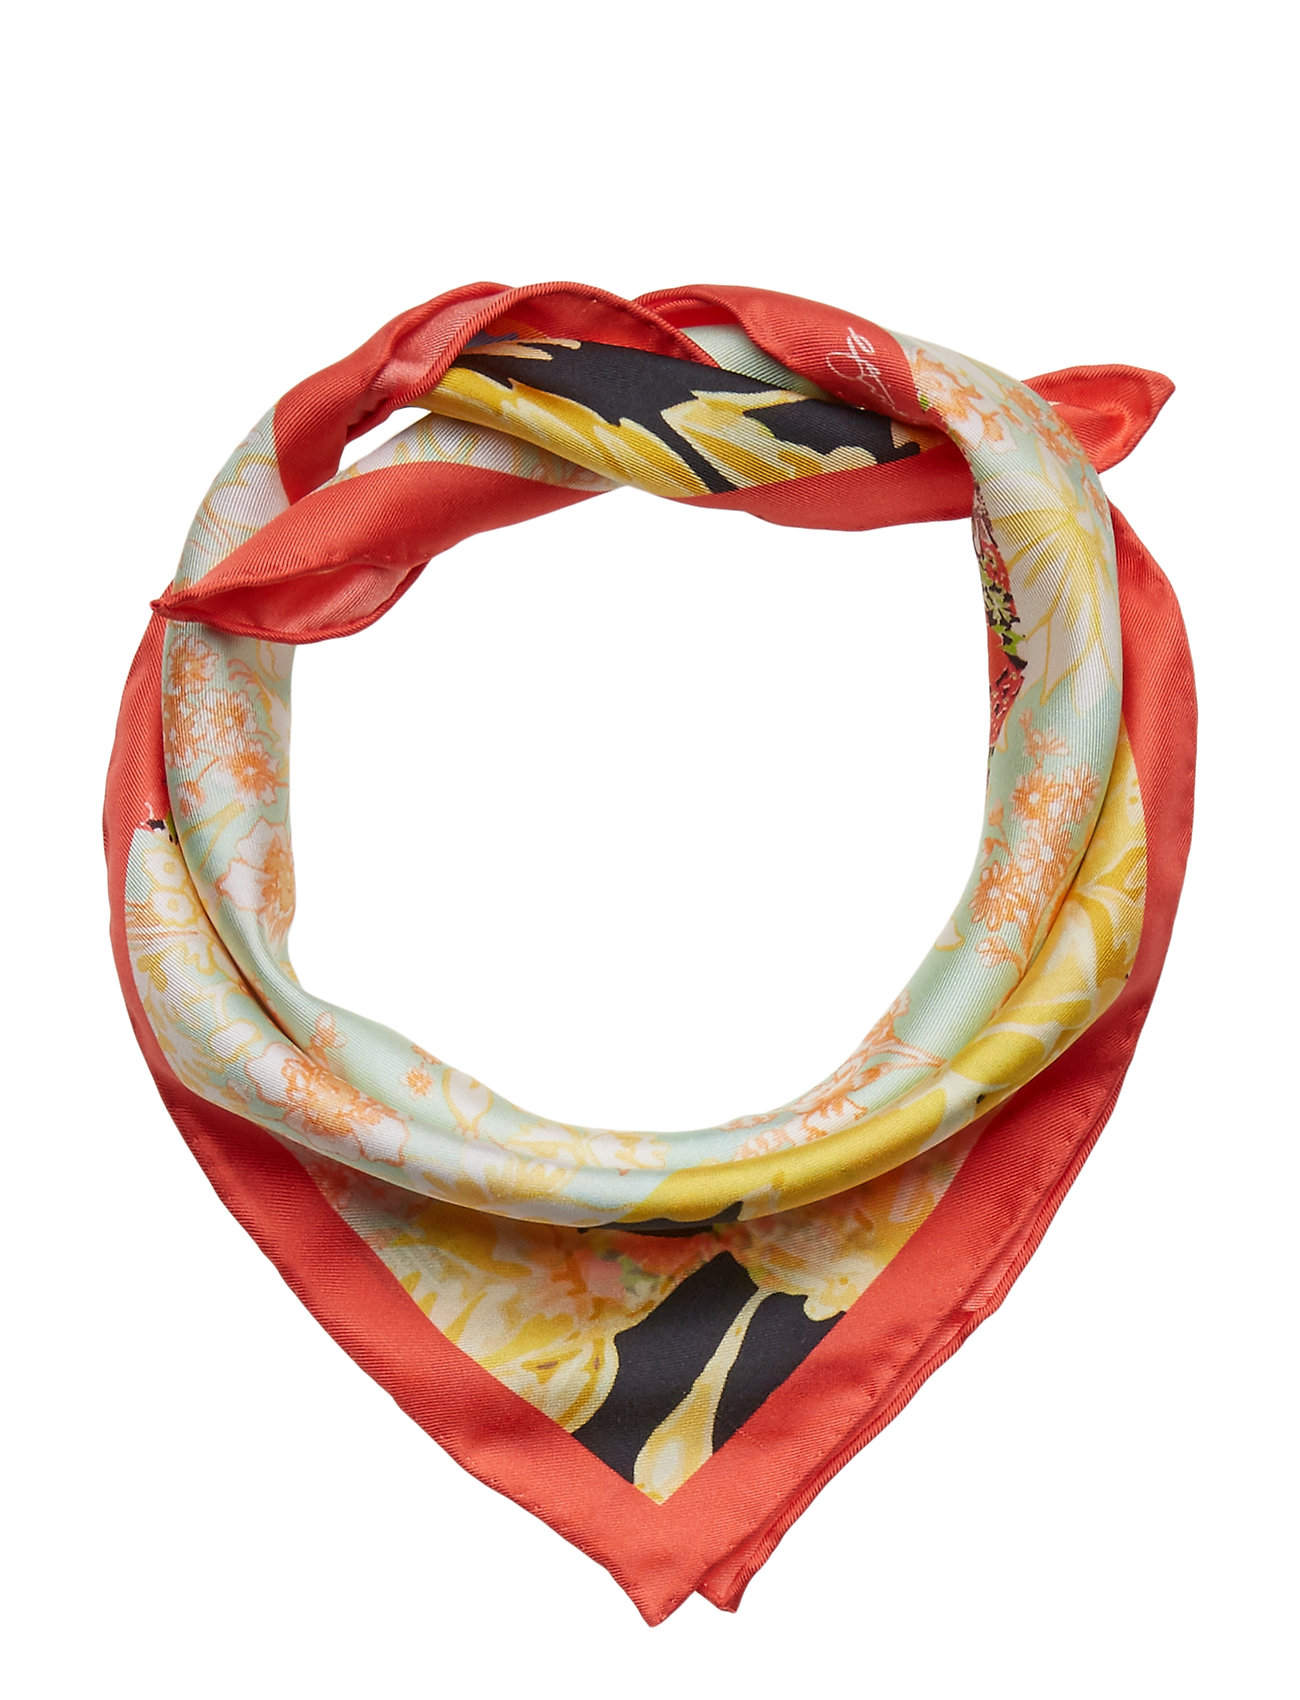 STINE GOYA Tilda, 556 Silk Scarves